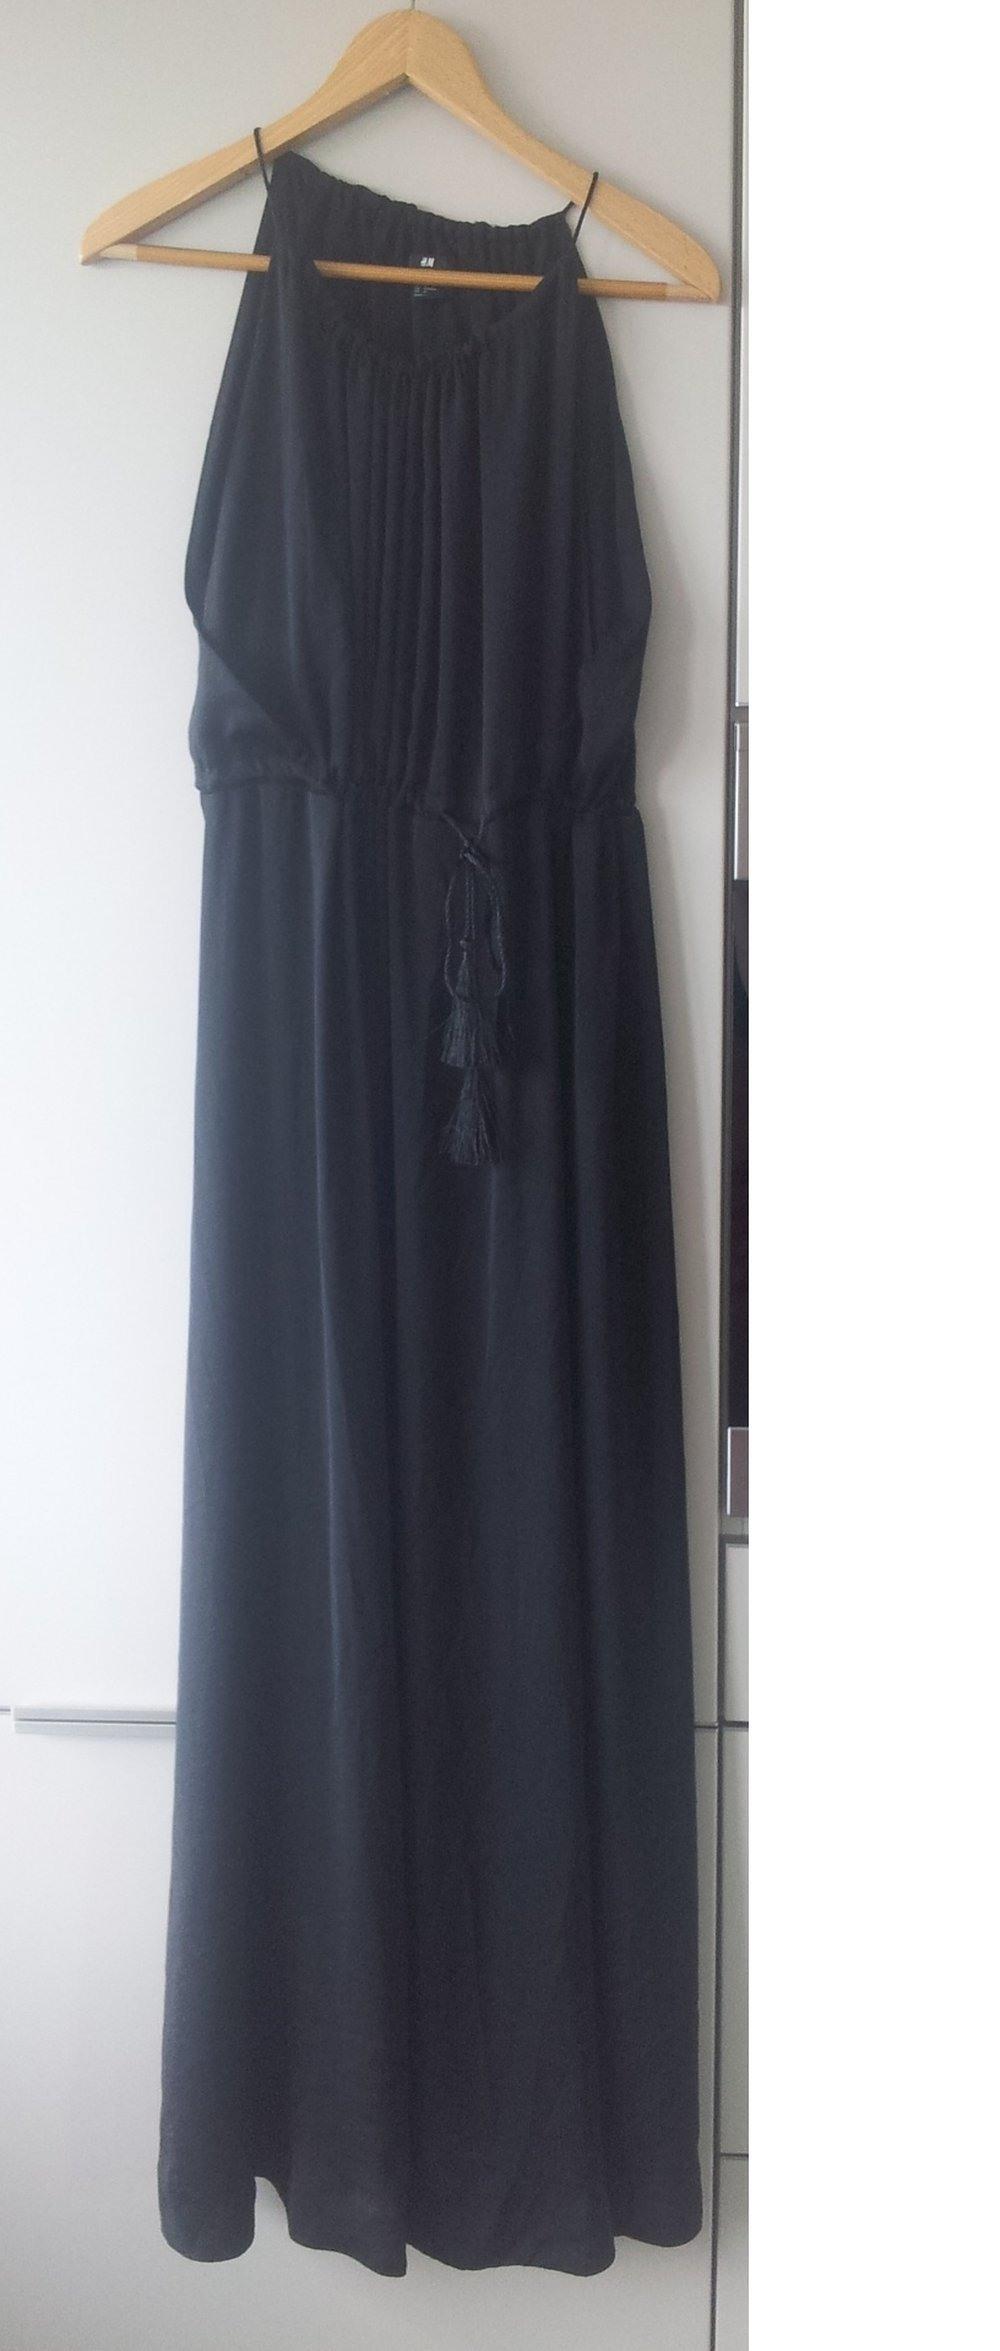 10 Einzigartig Schwarzes Bodenlanges Kleid für 201920 Genial Schwarzes Bodenlanges Kleid Bester Preis